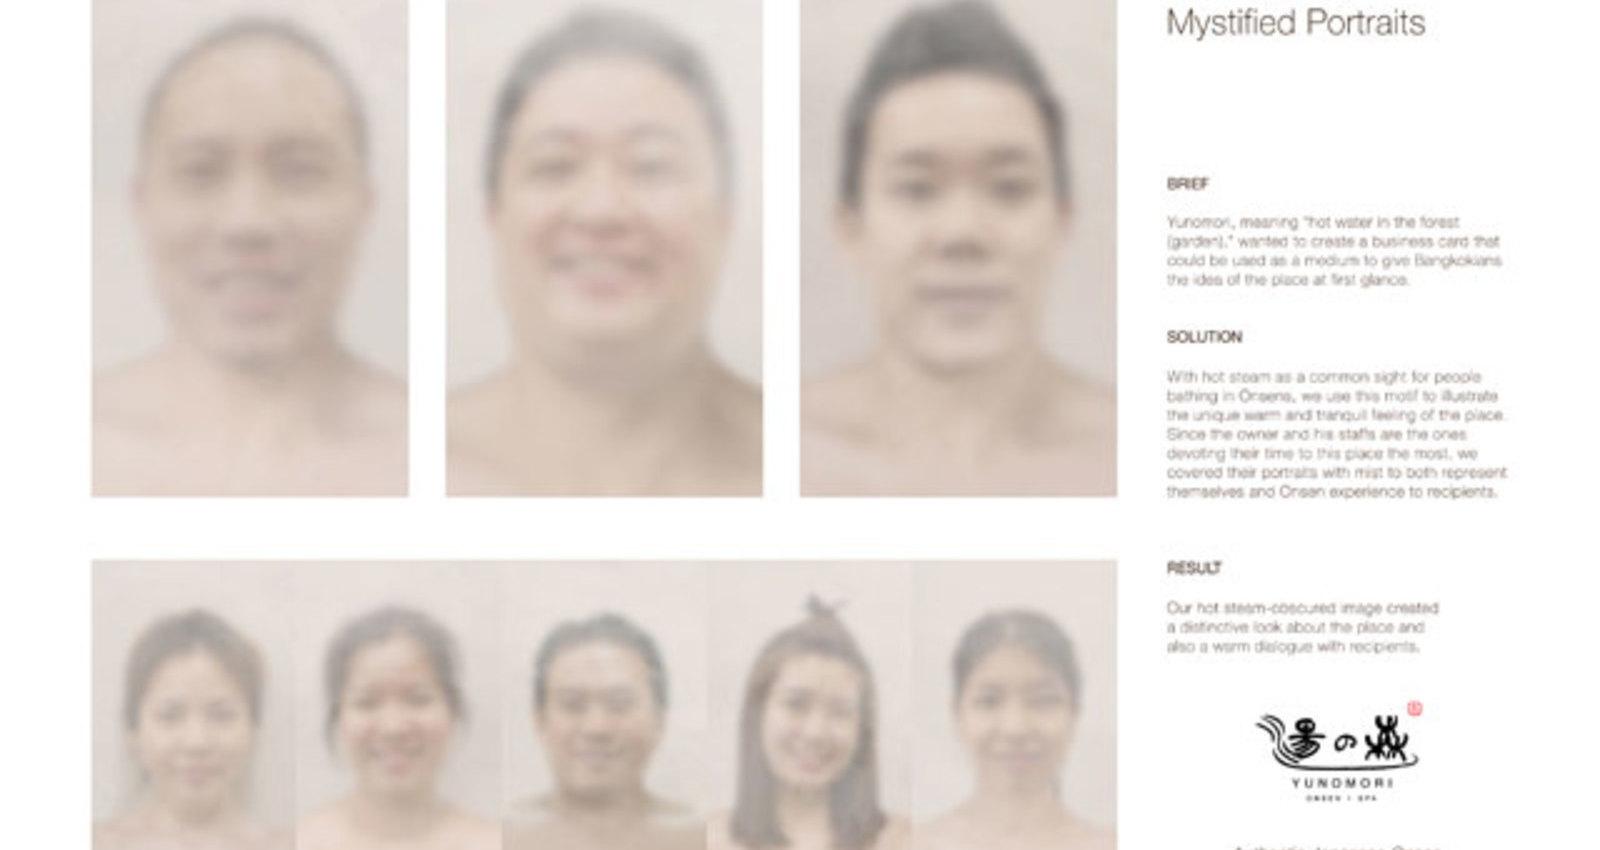 Mystified Portraits